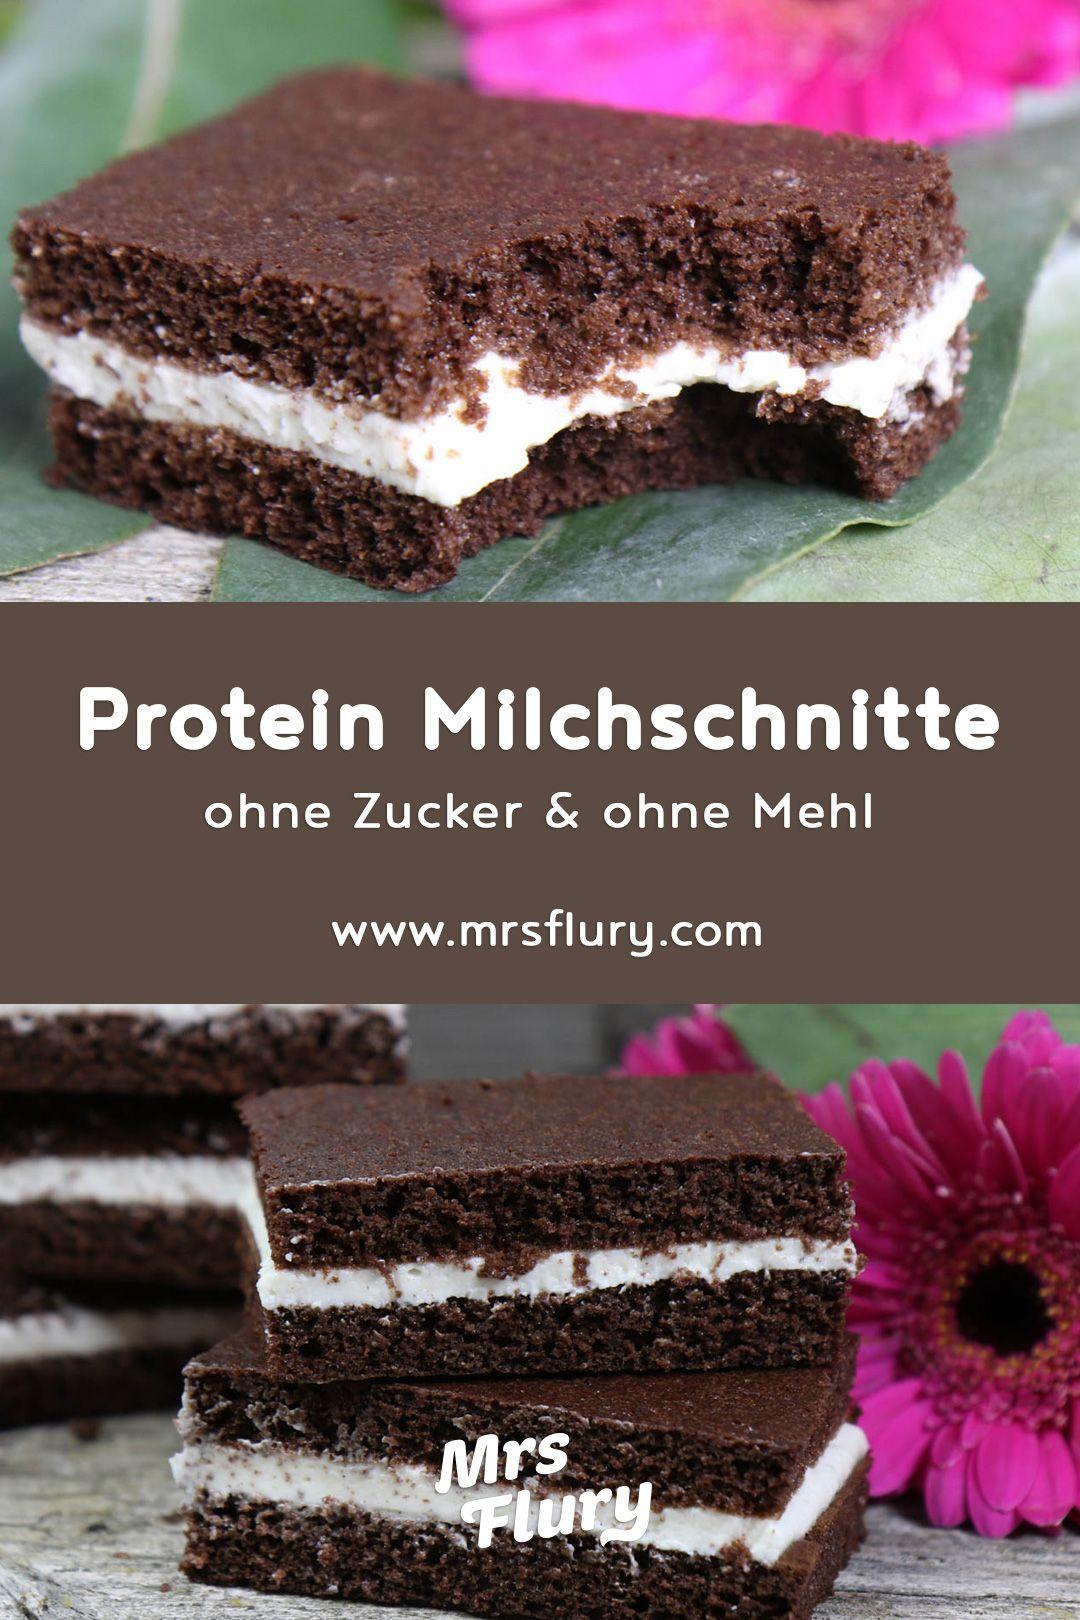 Low Carb Protein Milchschnitte Mrs Flury Protein Snack Milchschnitte selber machen gesund ohne Zucker glutenfrei gesund gesunde Rezepte einfach gesund naschen gesunde S&u...